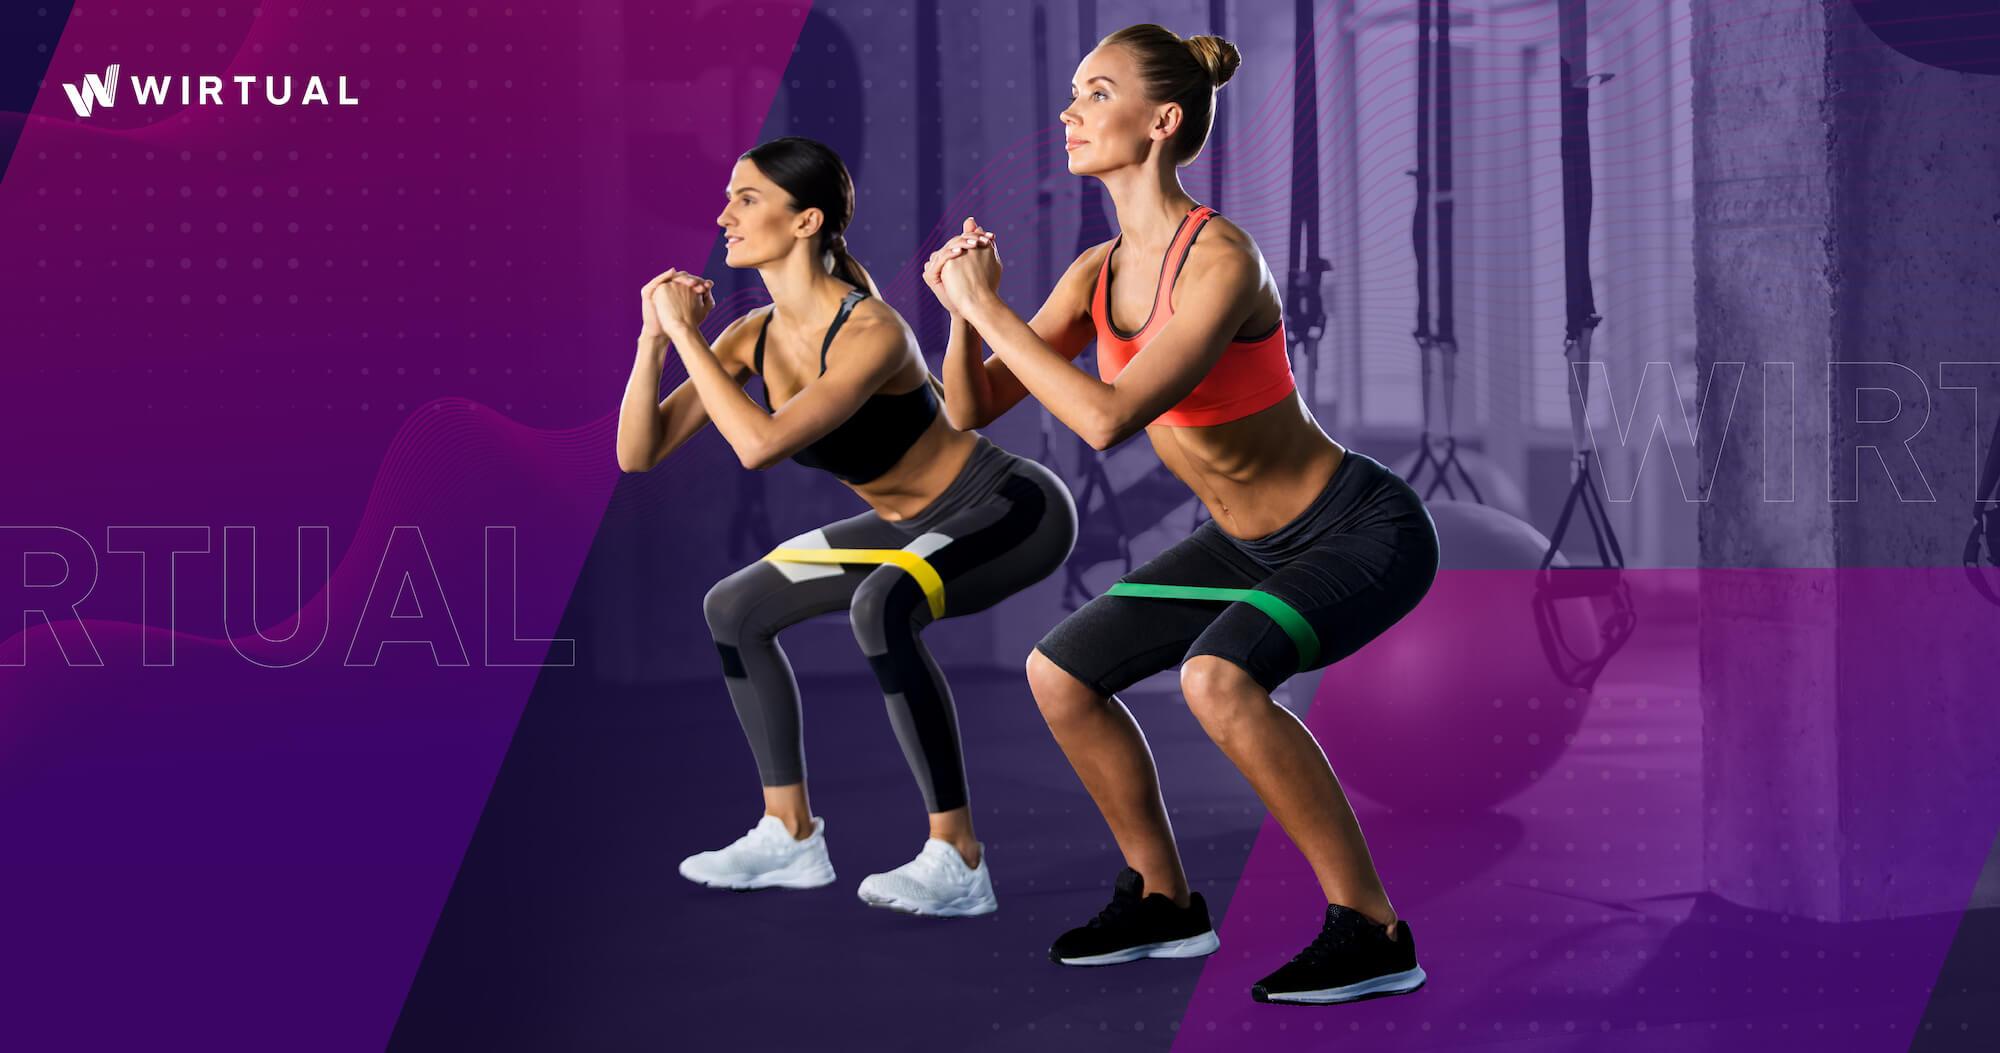 สาวๆ นักวิ่งต้องทราบ การสร้างกล้ามเนื้อมีความสำคัญกับการวิ่ง เพียงใด บทความนี้มีคำตอบ